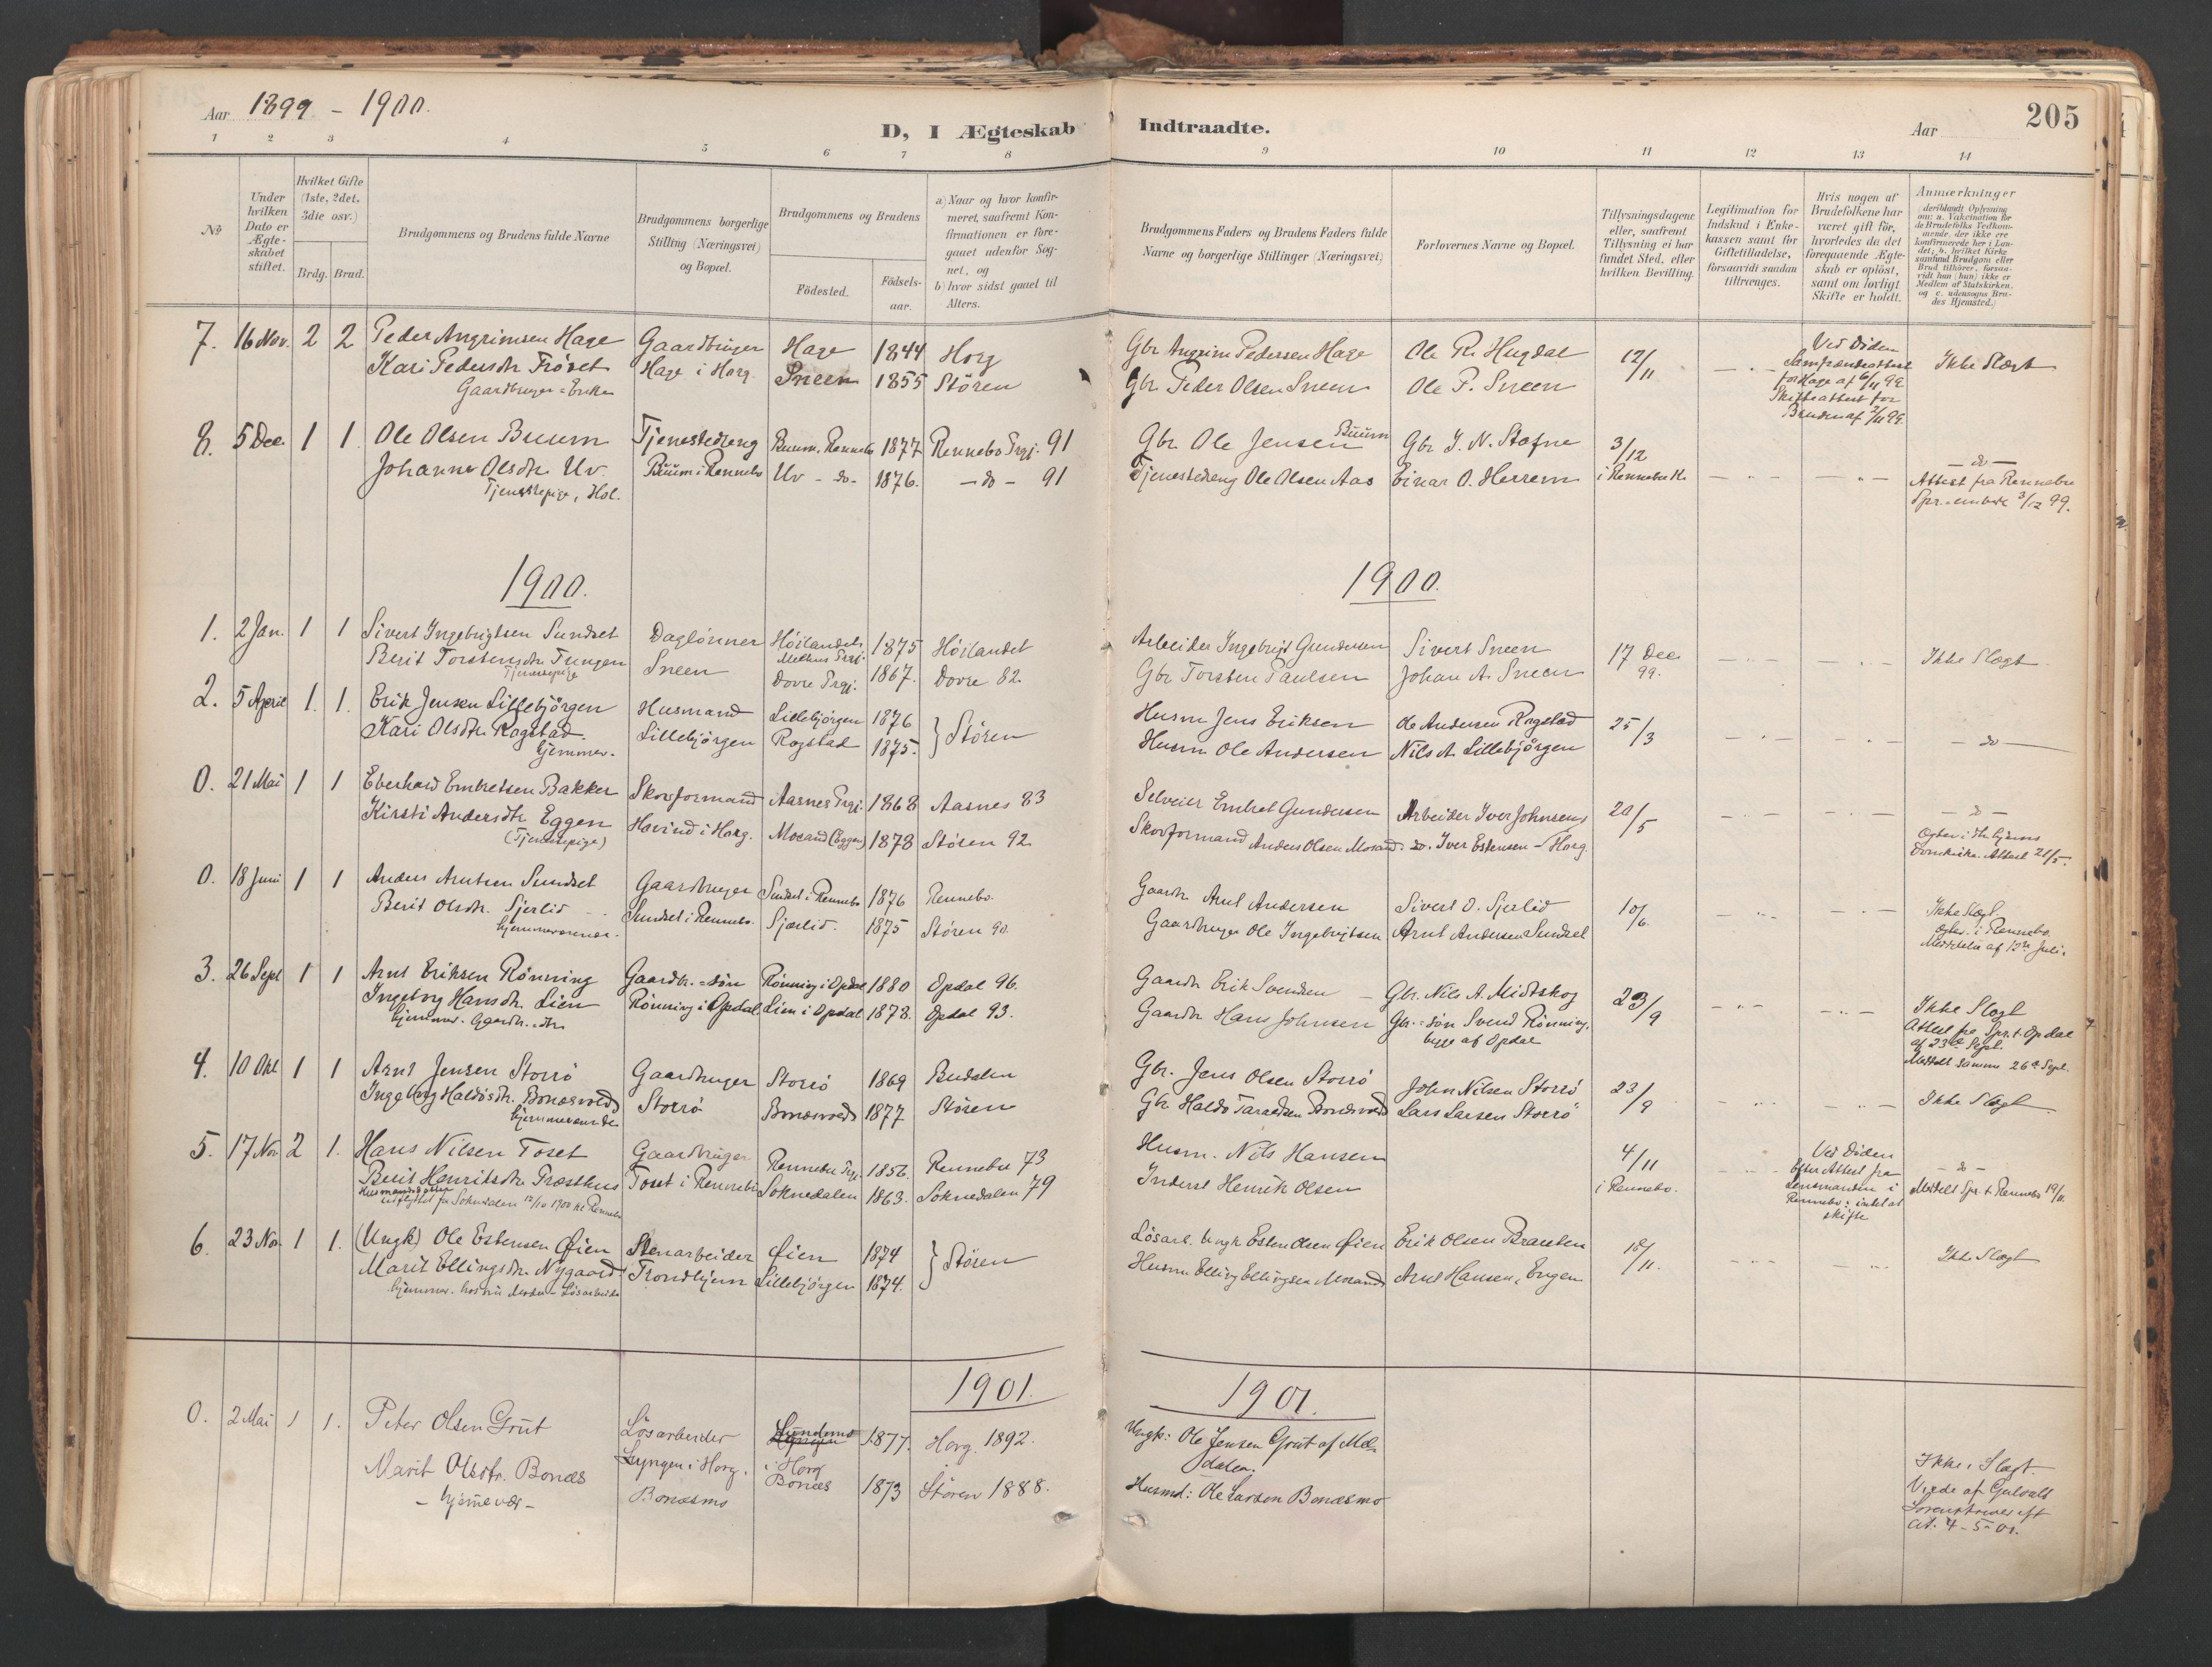 SAT, Ministerialprotokoller, klokkerbøker og fødselsregistre - Sør-Trøndelag, 687/L1004: Ministerialbok nr. 687A10, 1891-1923, s. 205